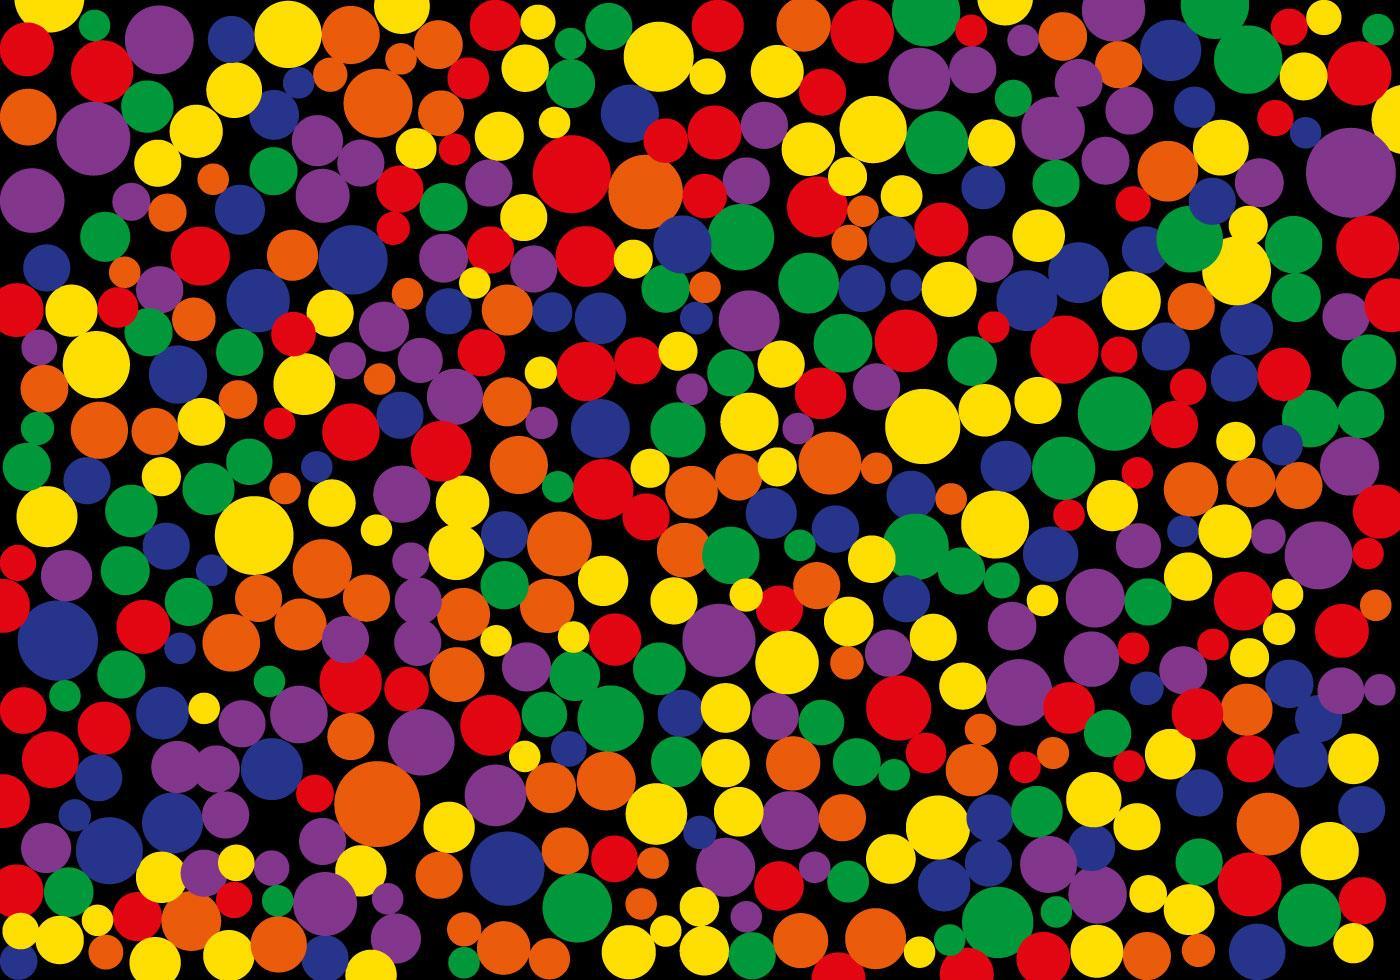 Точка цветная картинка